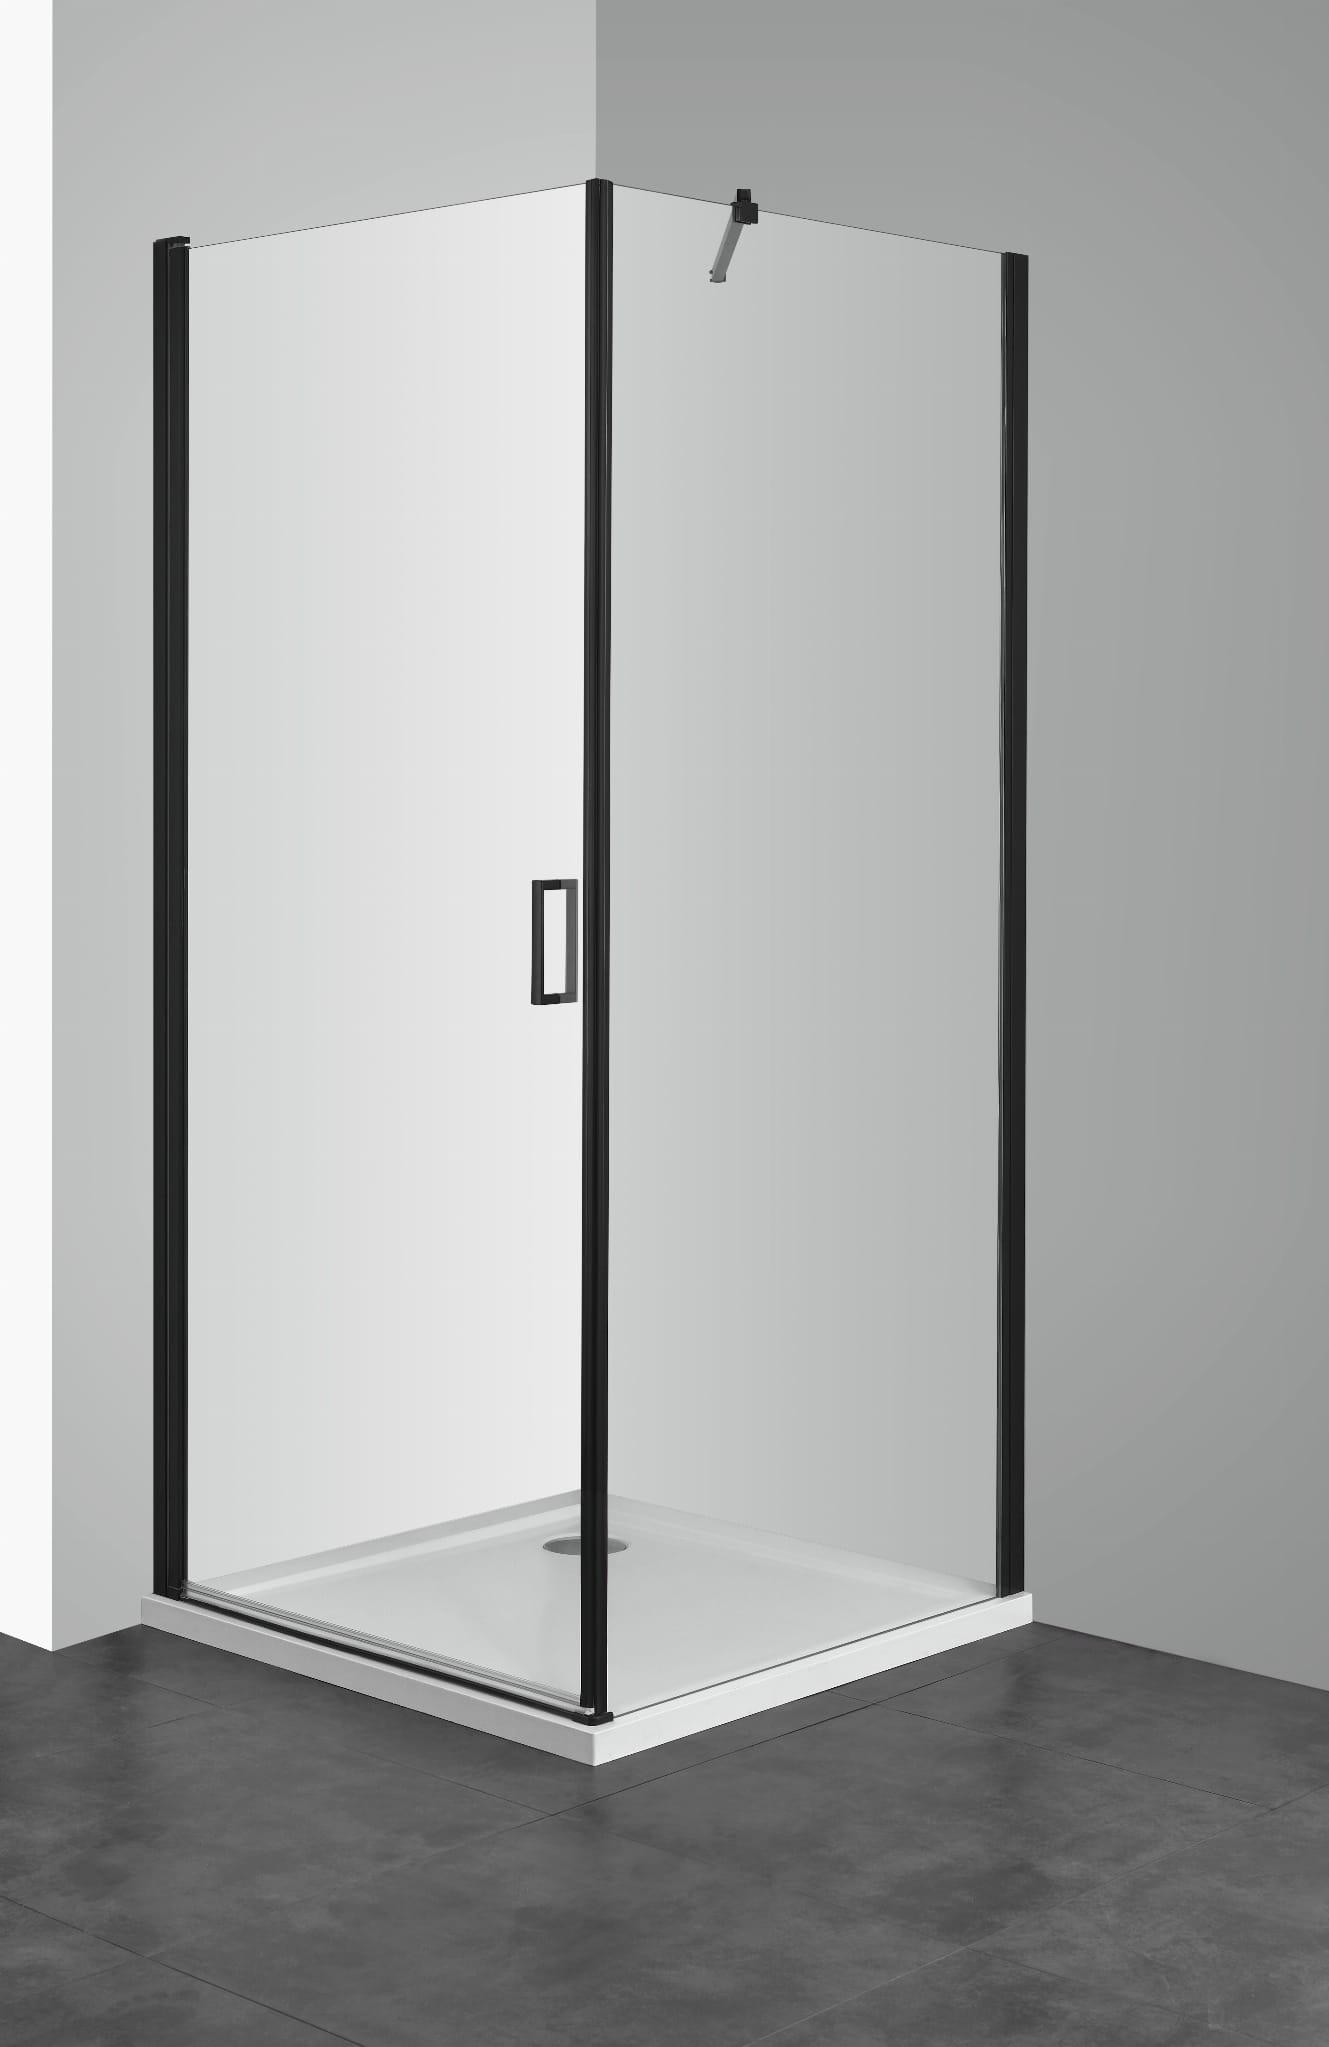 Sanotechnik - ELITE BLACK - Obdĺžnikový sprchovací kút s krídlovými dverami 90 x 80 x 195 cm